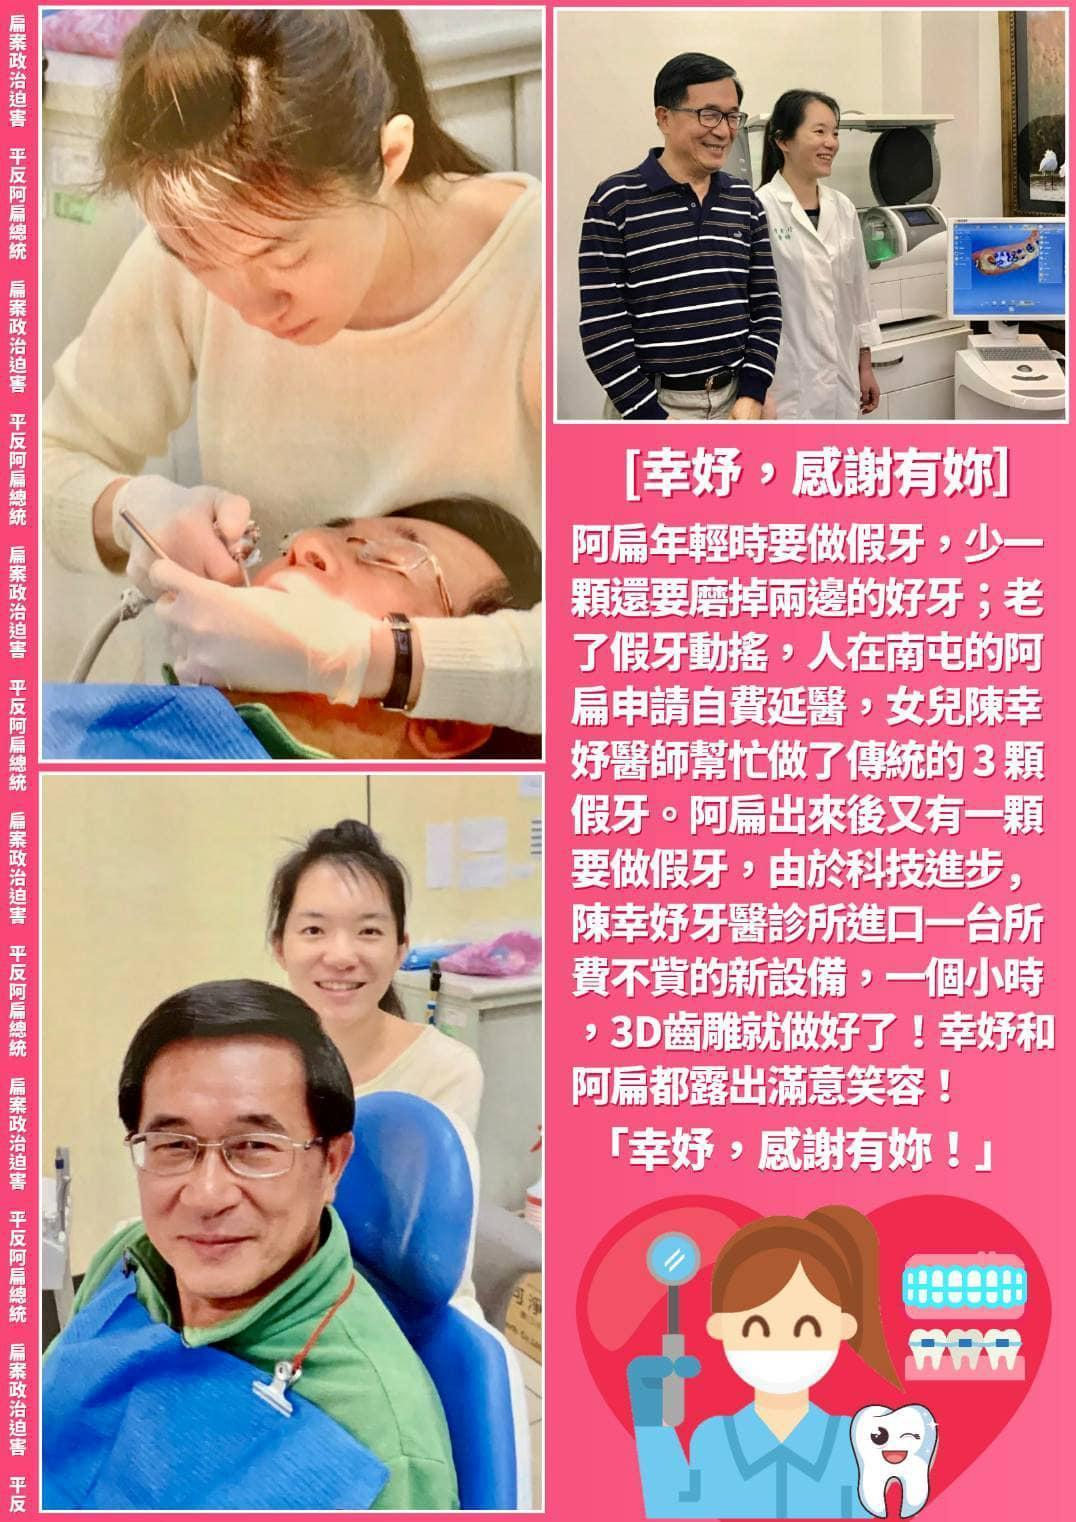 陳水扁PO出女兒陳幸妤替他做3D齒雕的照片,寫下「幸妤,感謝有妳」。(翻攝自「陳水扁新勇哥物語」臉書粉專)